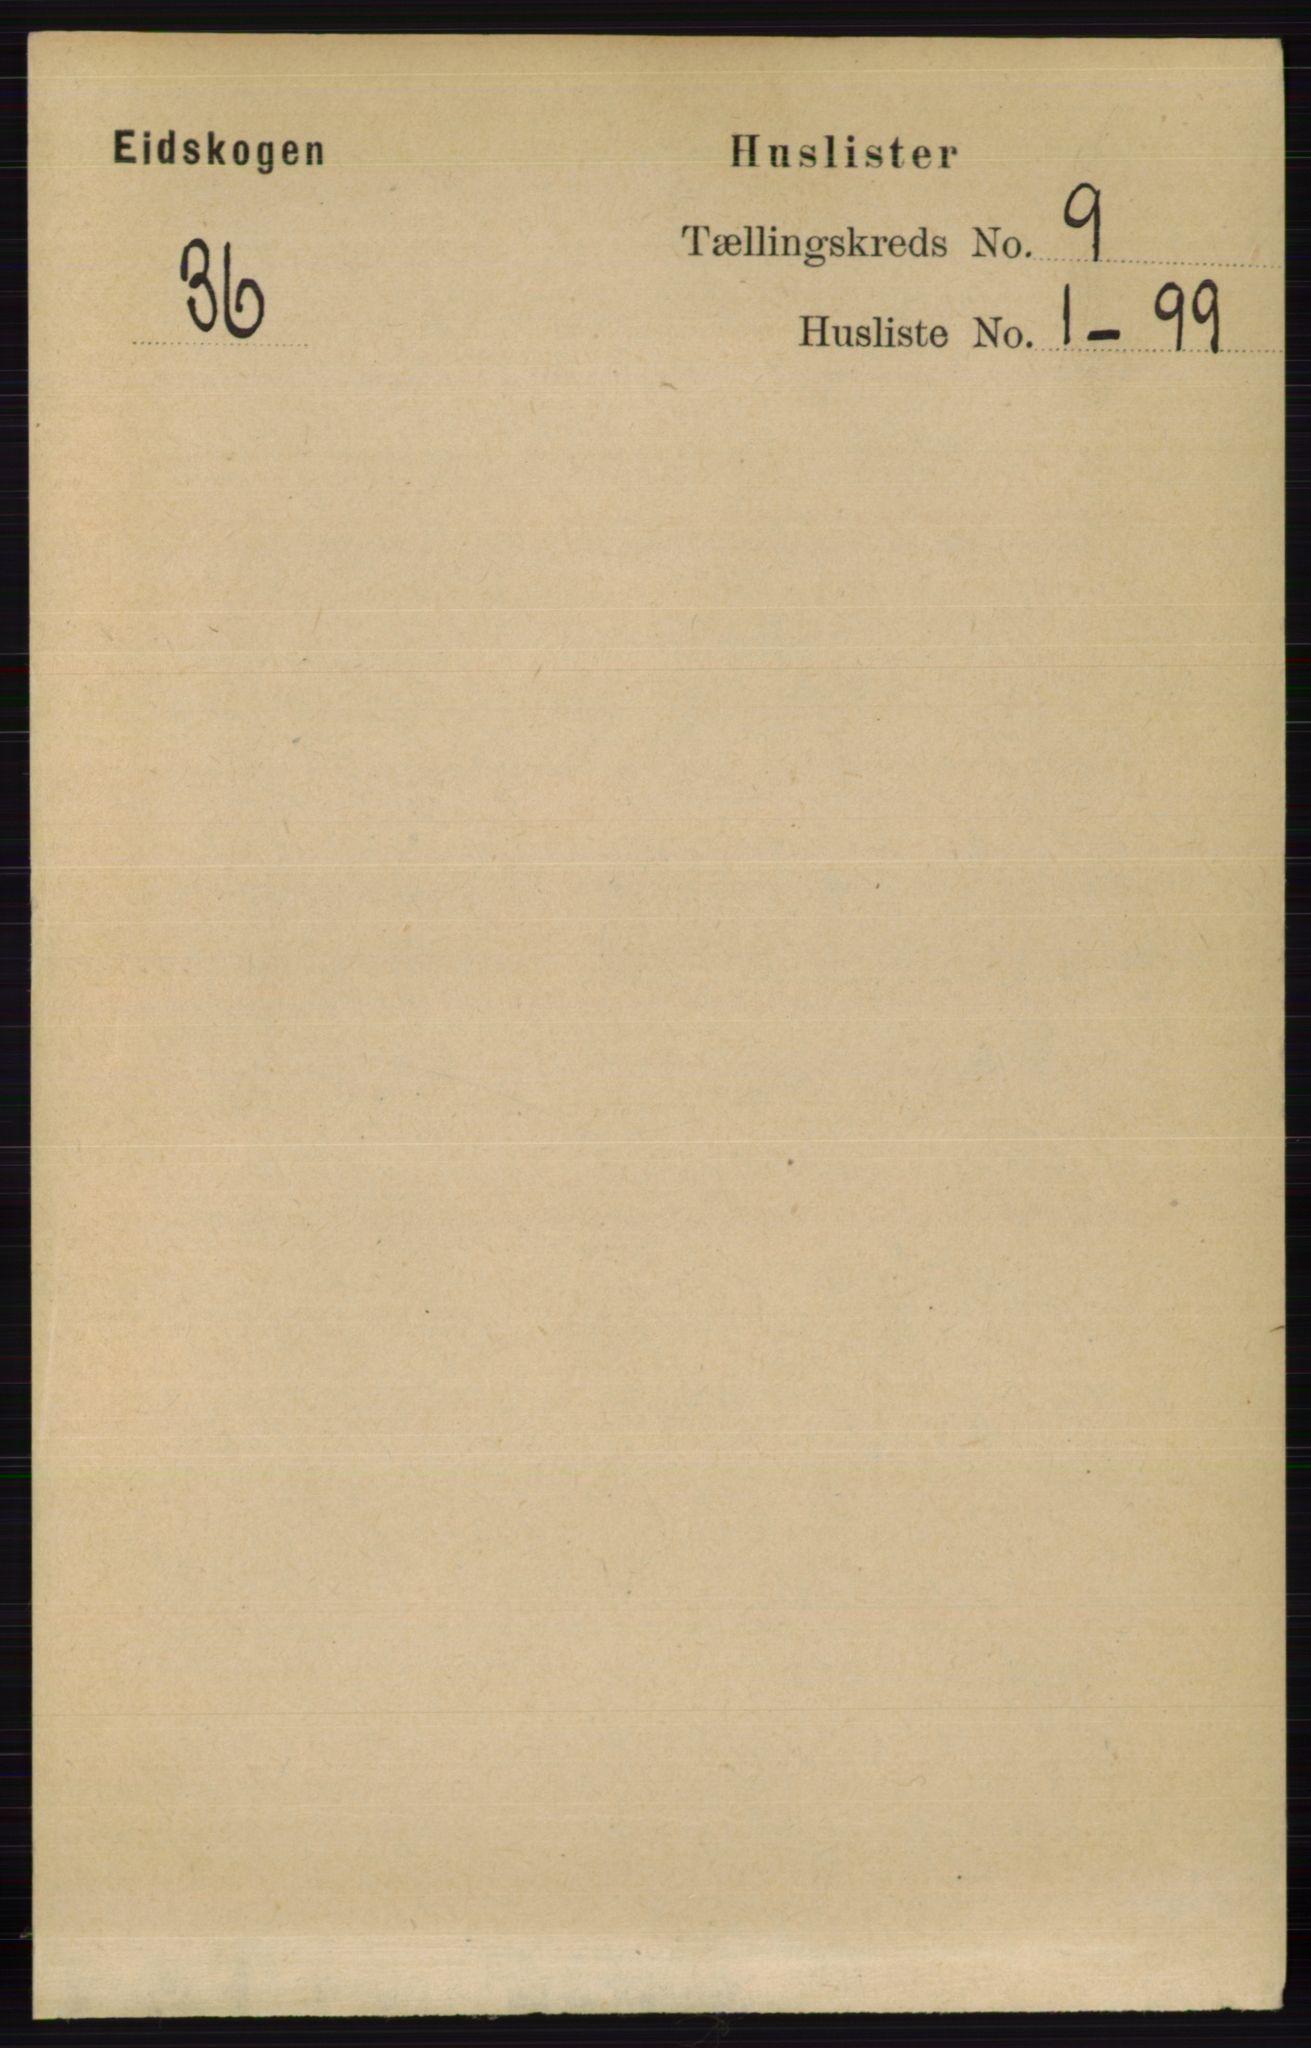 RA, Folketelling 1891 for 0420 Eidskog herred, 1891, s. 5276